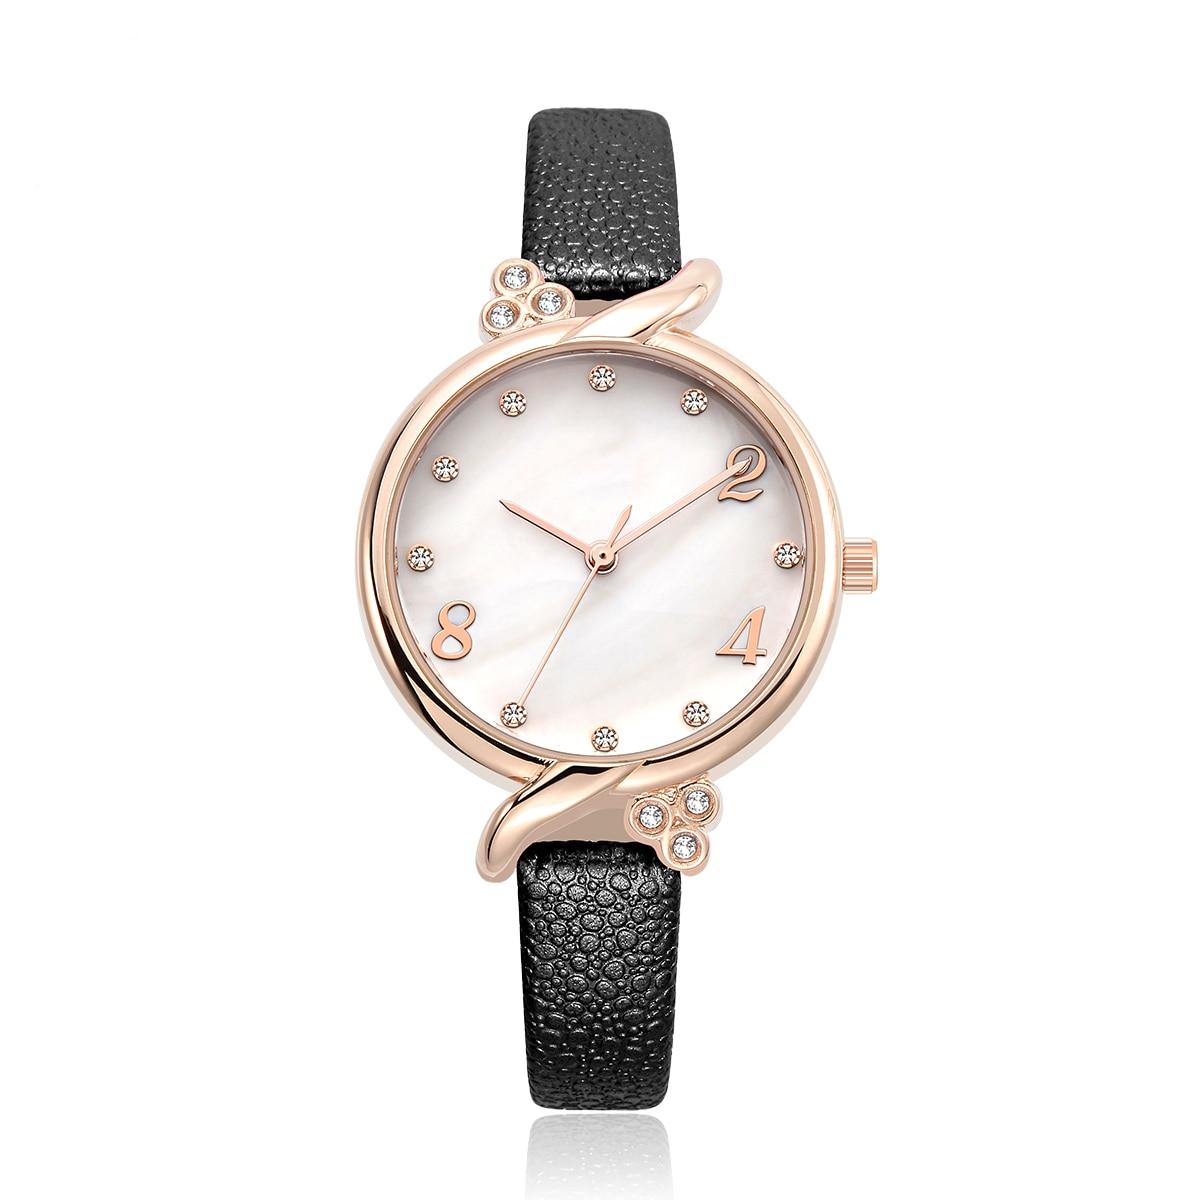 Fashion women brand watches leathr strap casual wristwatchesFashion women brand watches leathr strap casual wristwatches